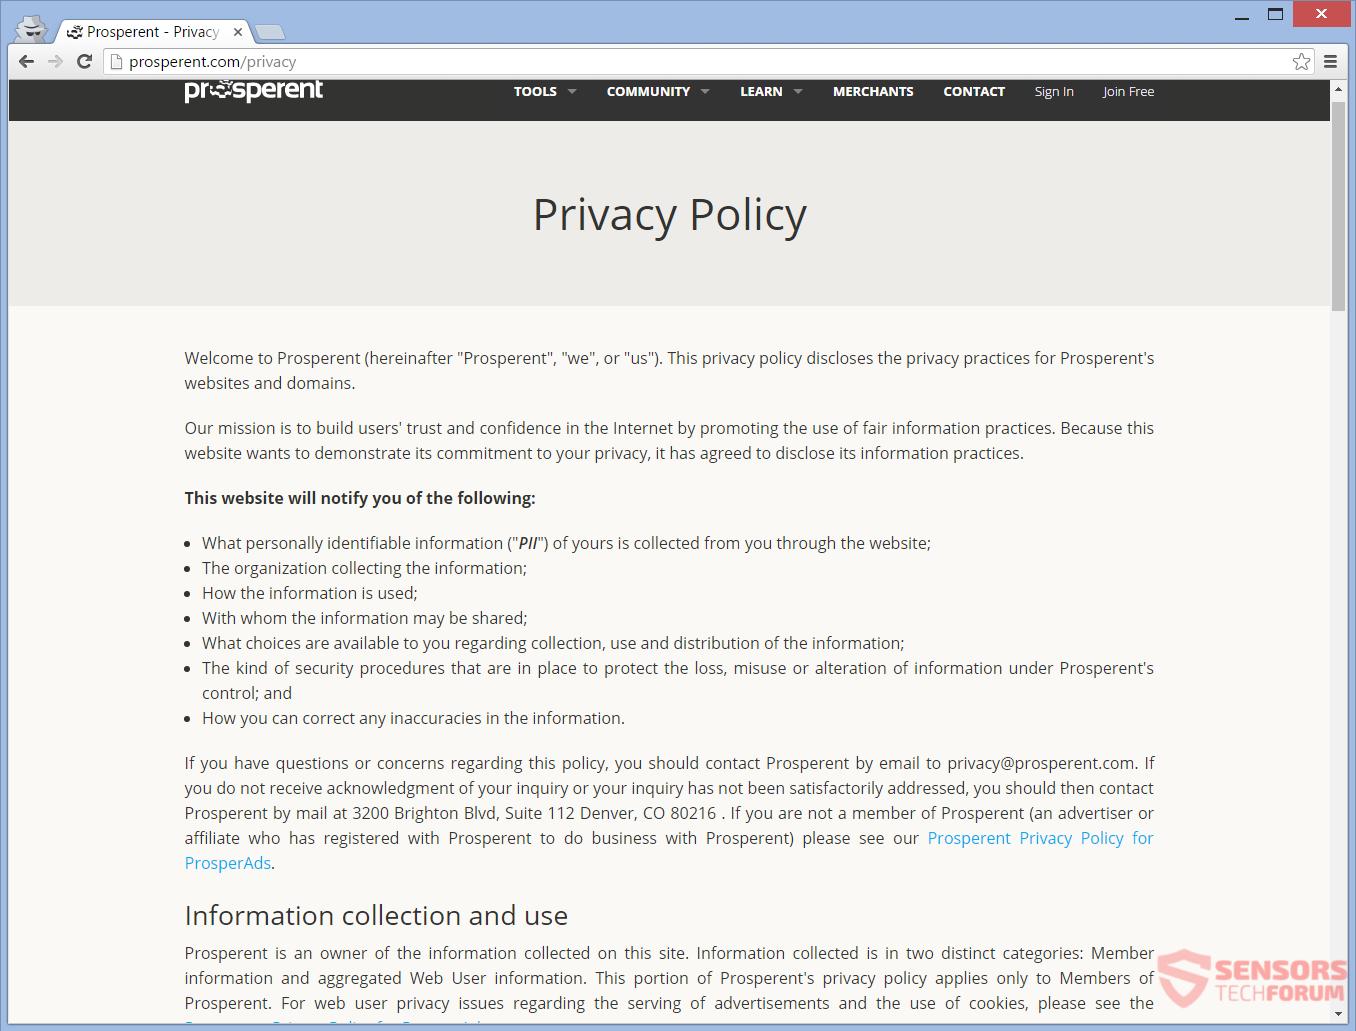 STF-prosperent-com-privacy-policy